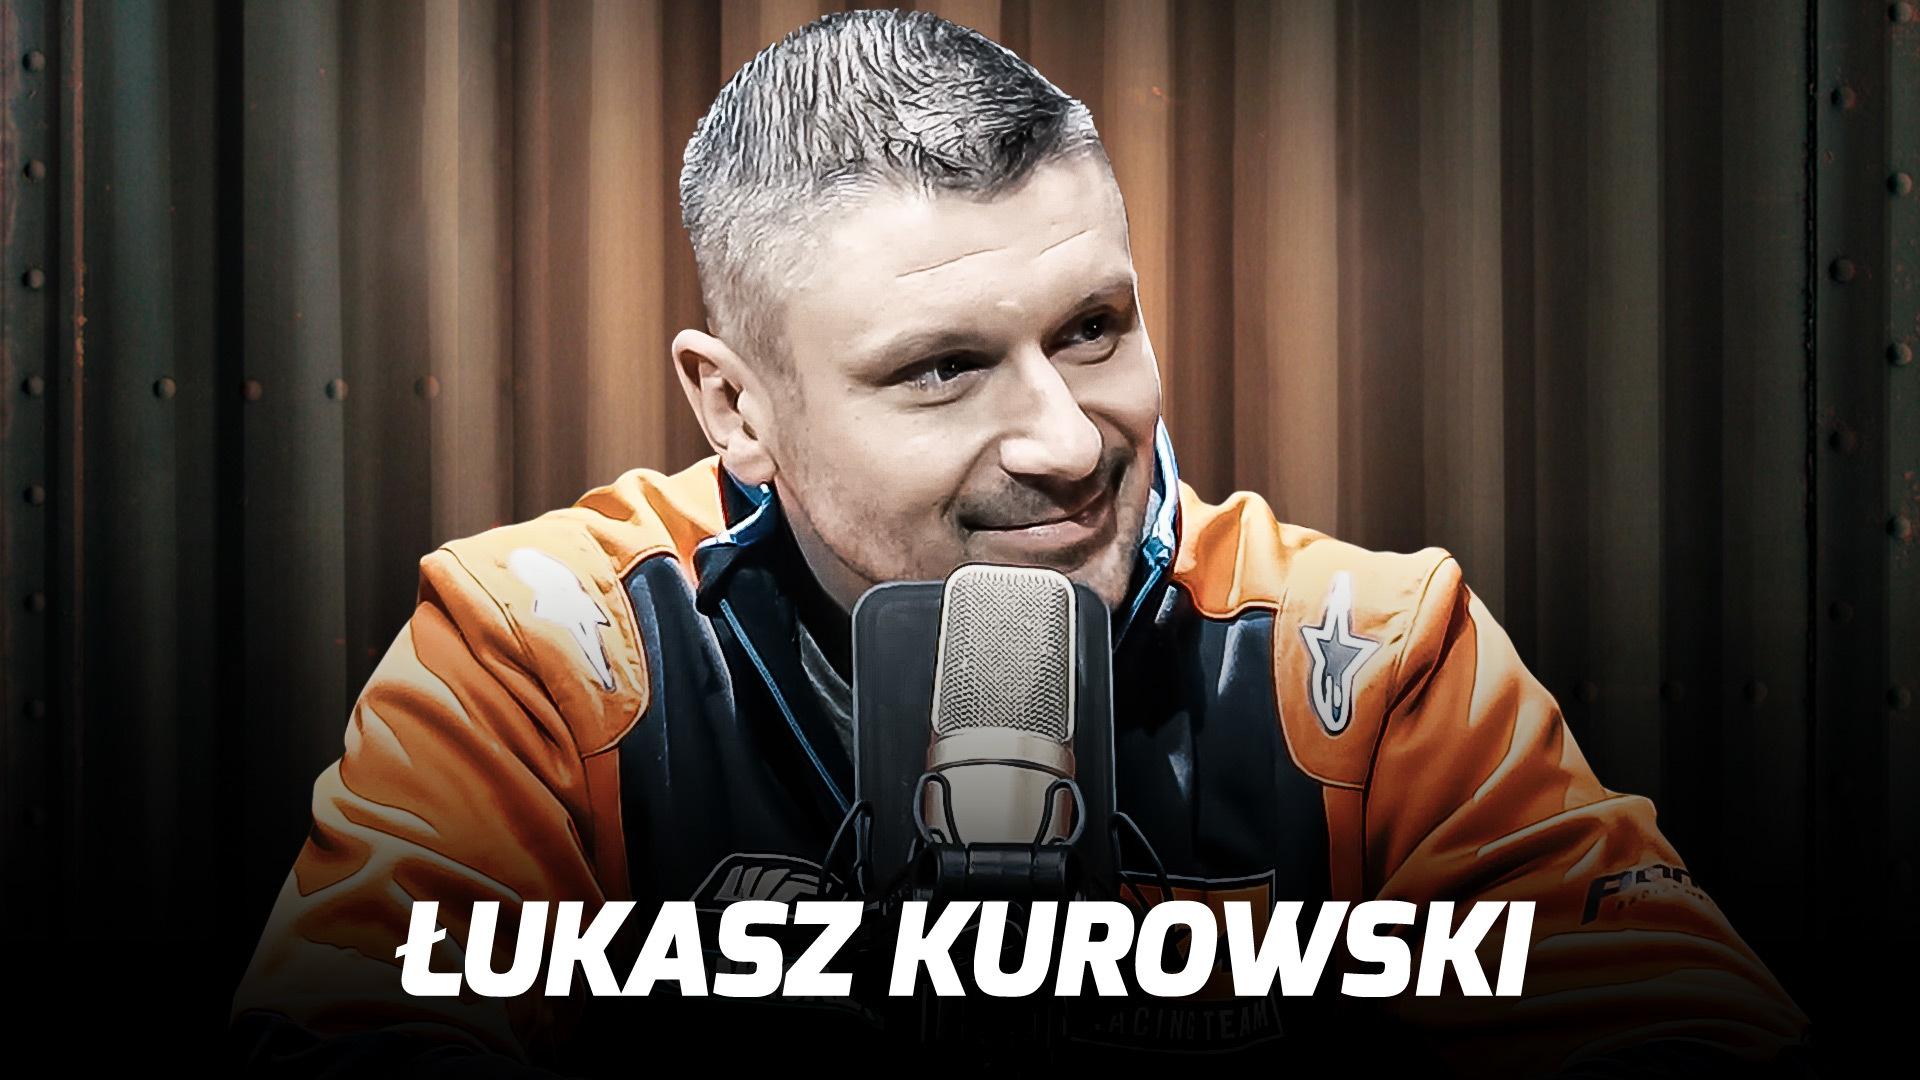 Mistrzowie Motorsportu - Łukasz Kurowski